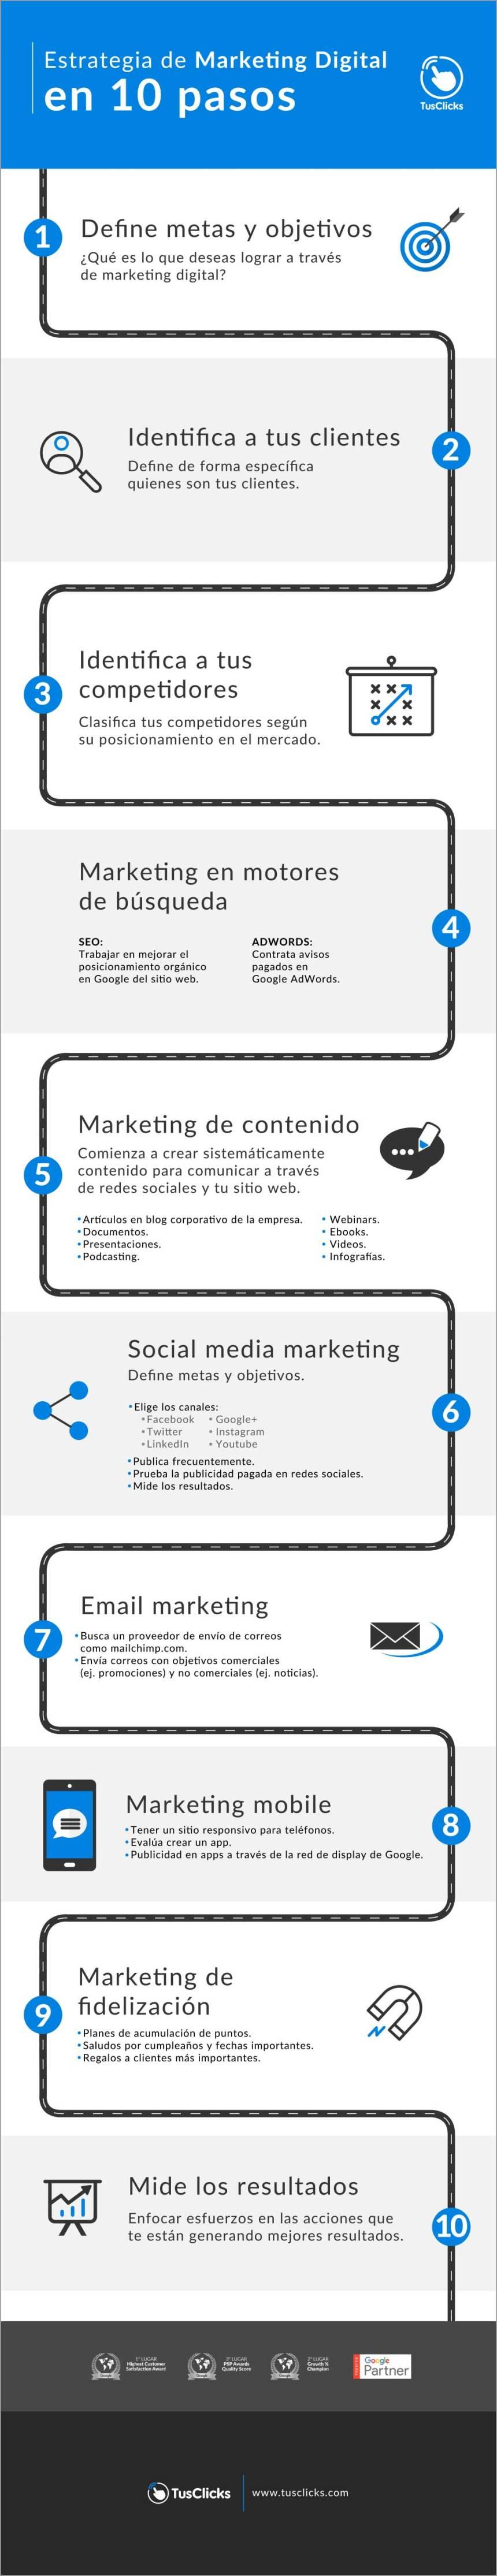 Estrategia de Marketing Digital en 10 pasos